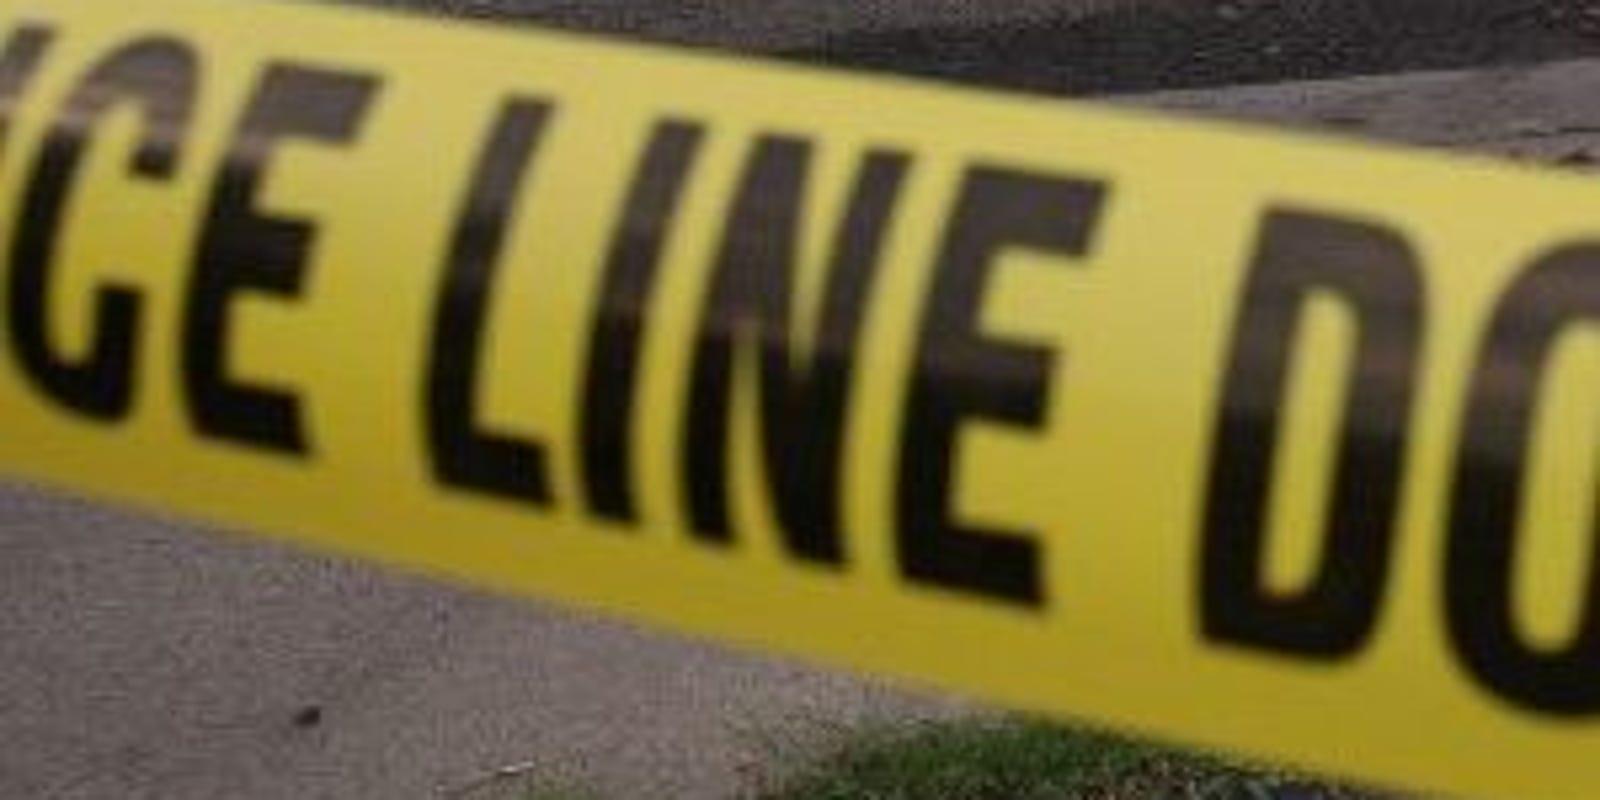 Triple shootings leaves 1 dead, 2 injured in Detroit